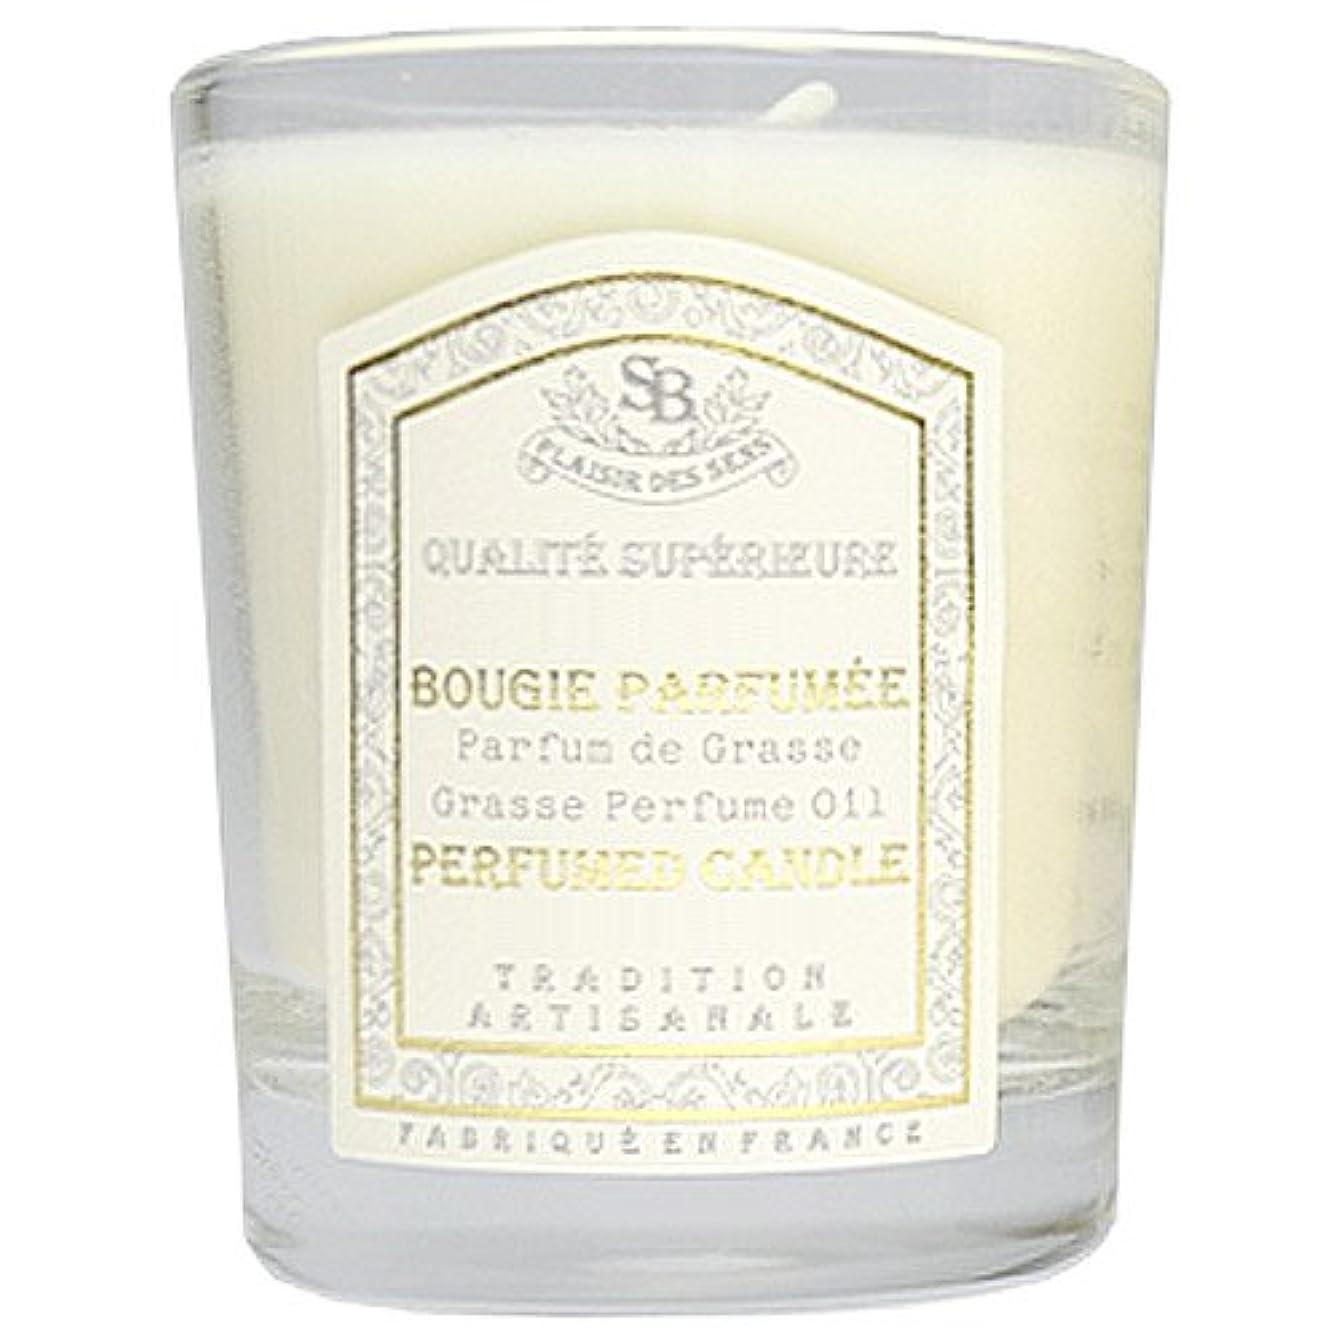 適用済み地区トレイSenteur et Beaute(サンタールエボーテ) フレンチクラシックシリーズ グラスキャンドル 90g 「コットンリネン」 4994228021984